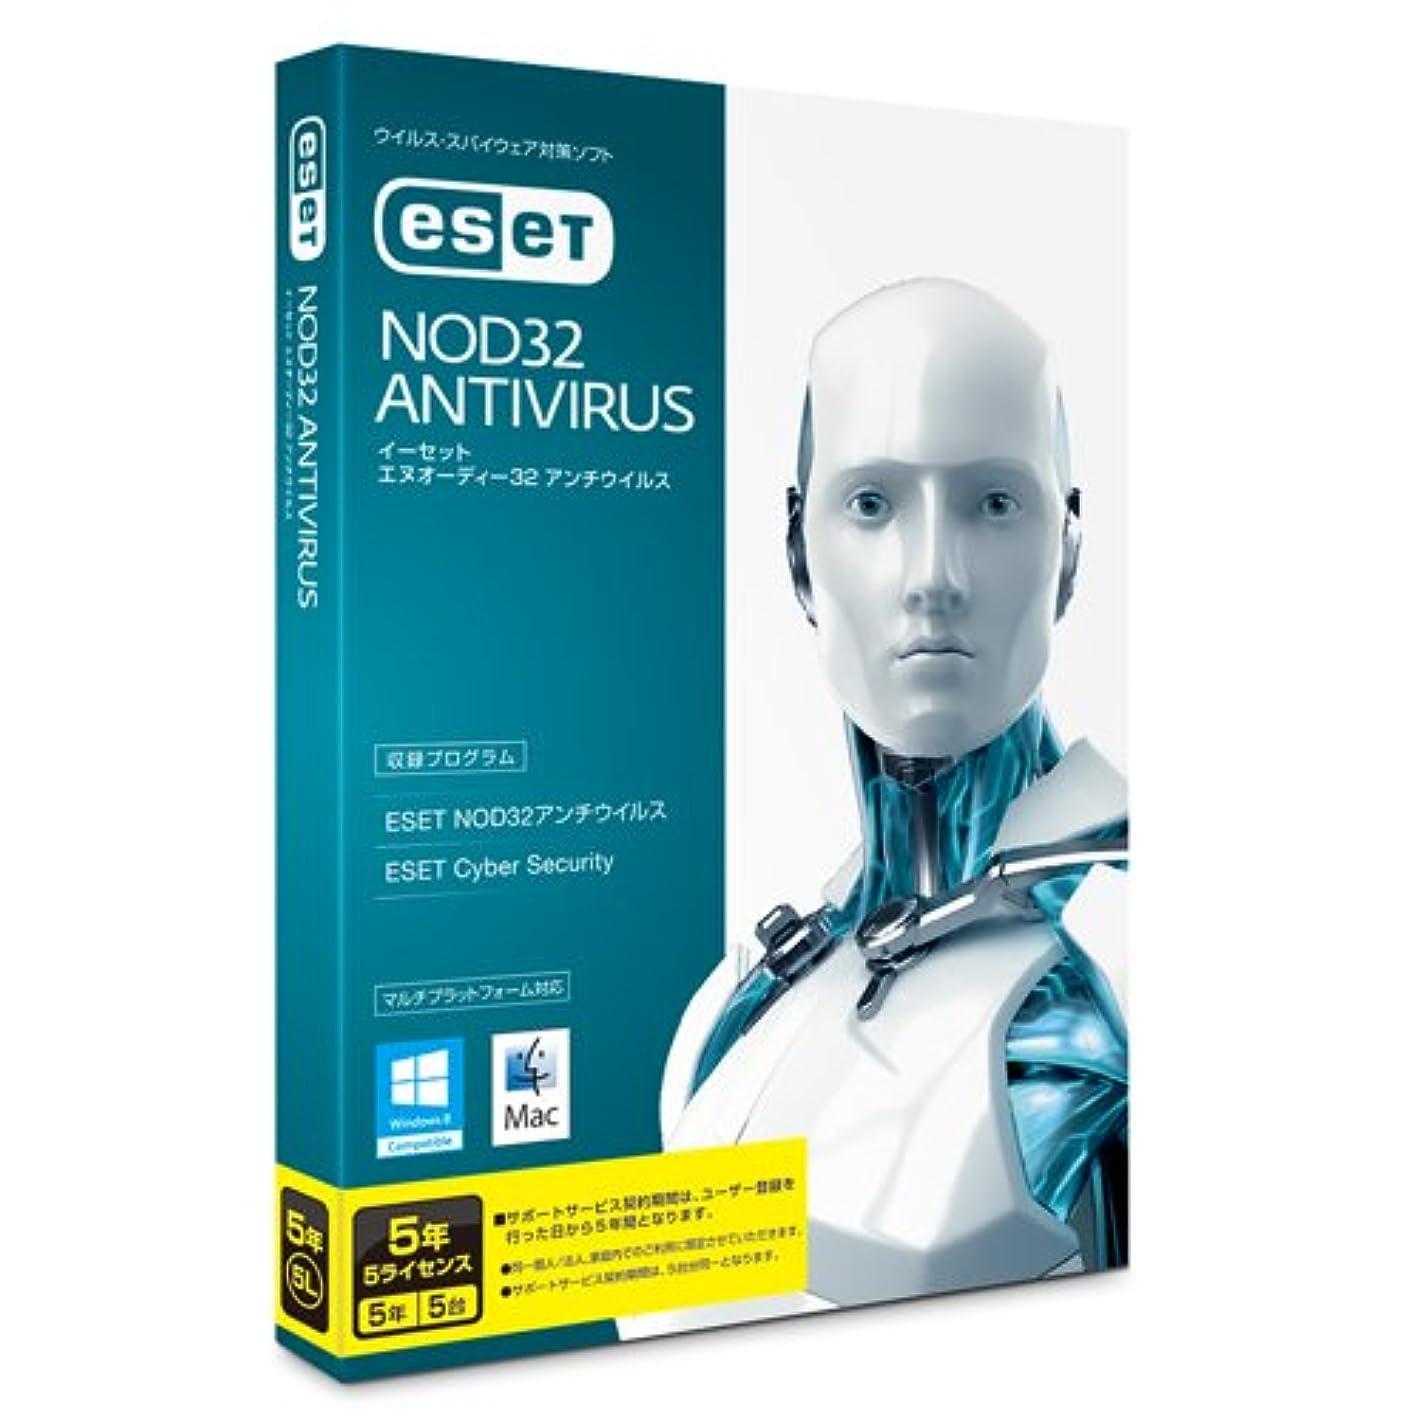 灰家主放棄された【旧商品】キヤノンITソリューションズ ESET NOD32アンチウイルス|5台5年版|Windows?Mac対応